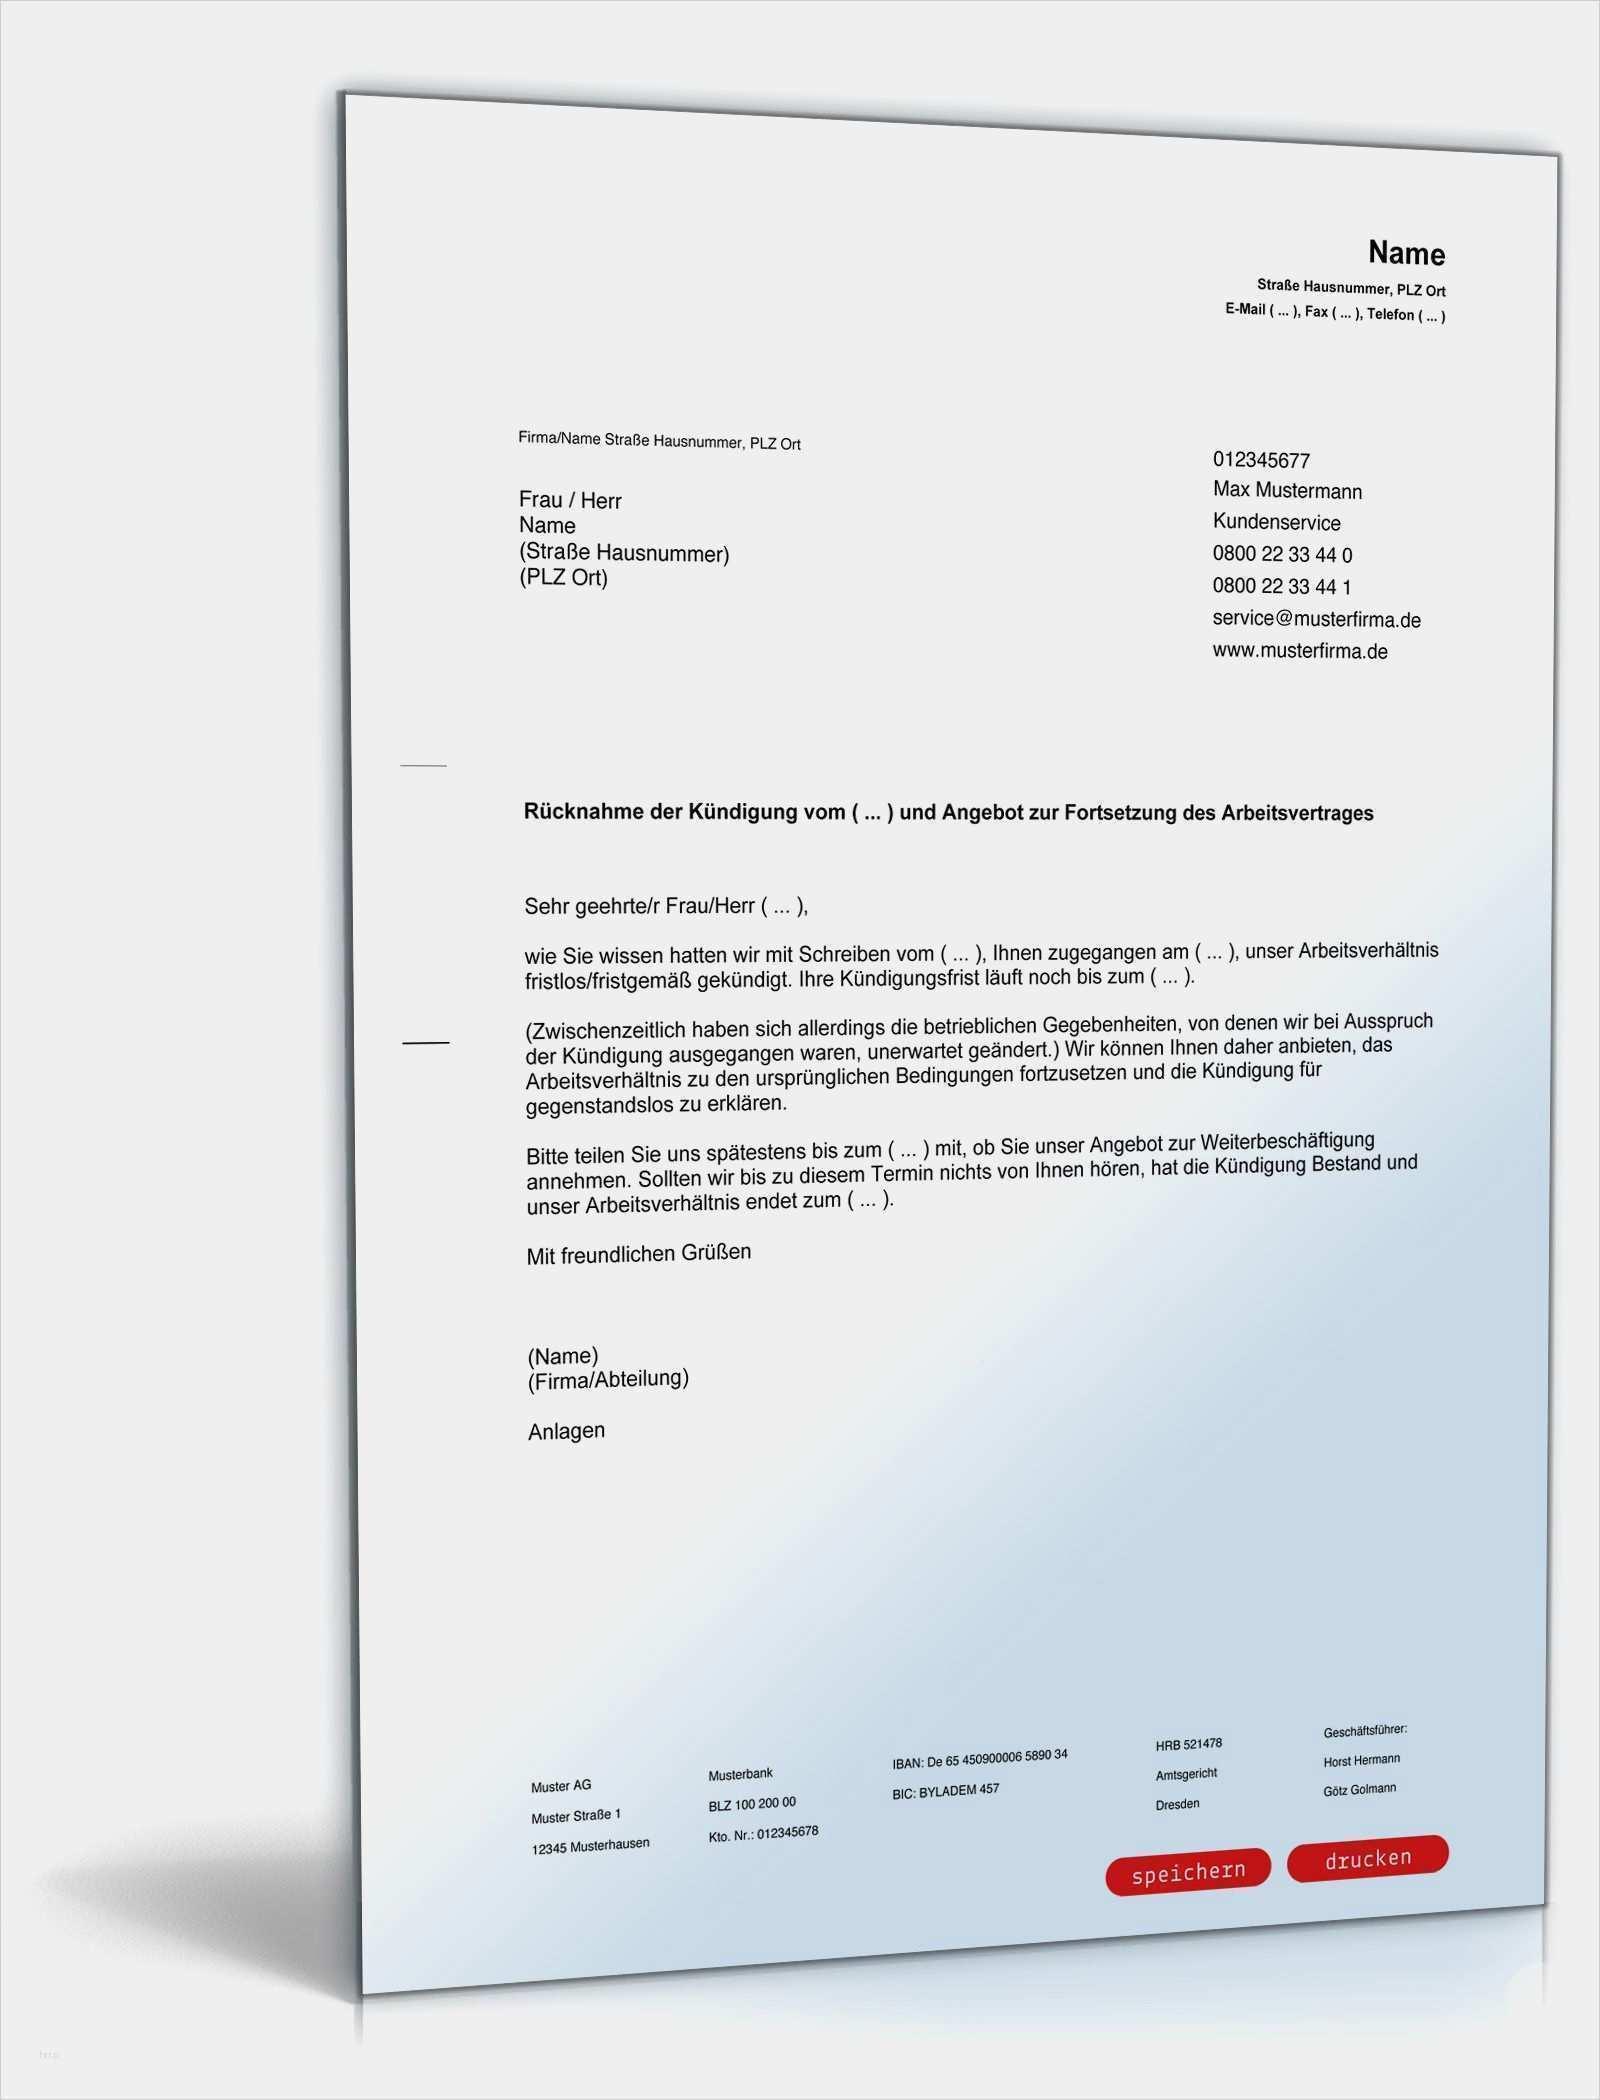 31 Neu Arbeitsvertrag Vorlage Pdf Galerie Vorlagen Rechnung Vorlage Lebenslauf